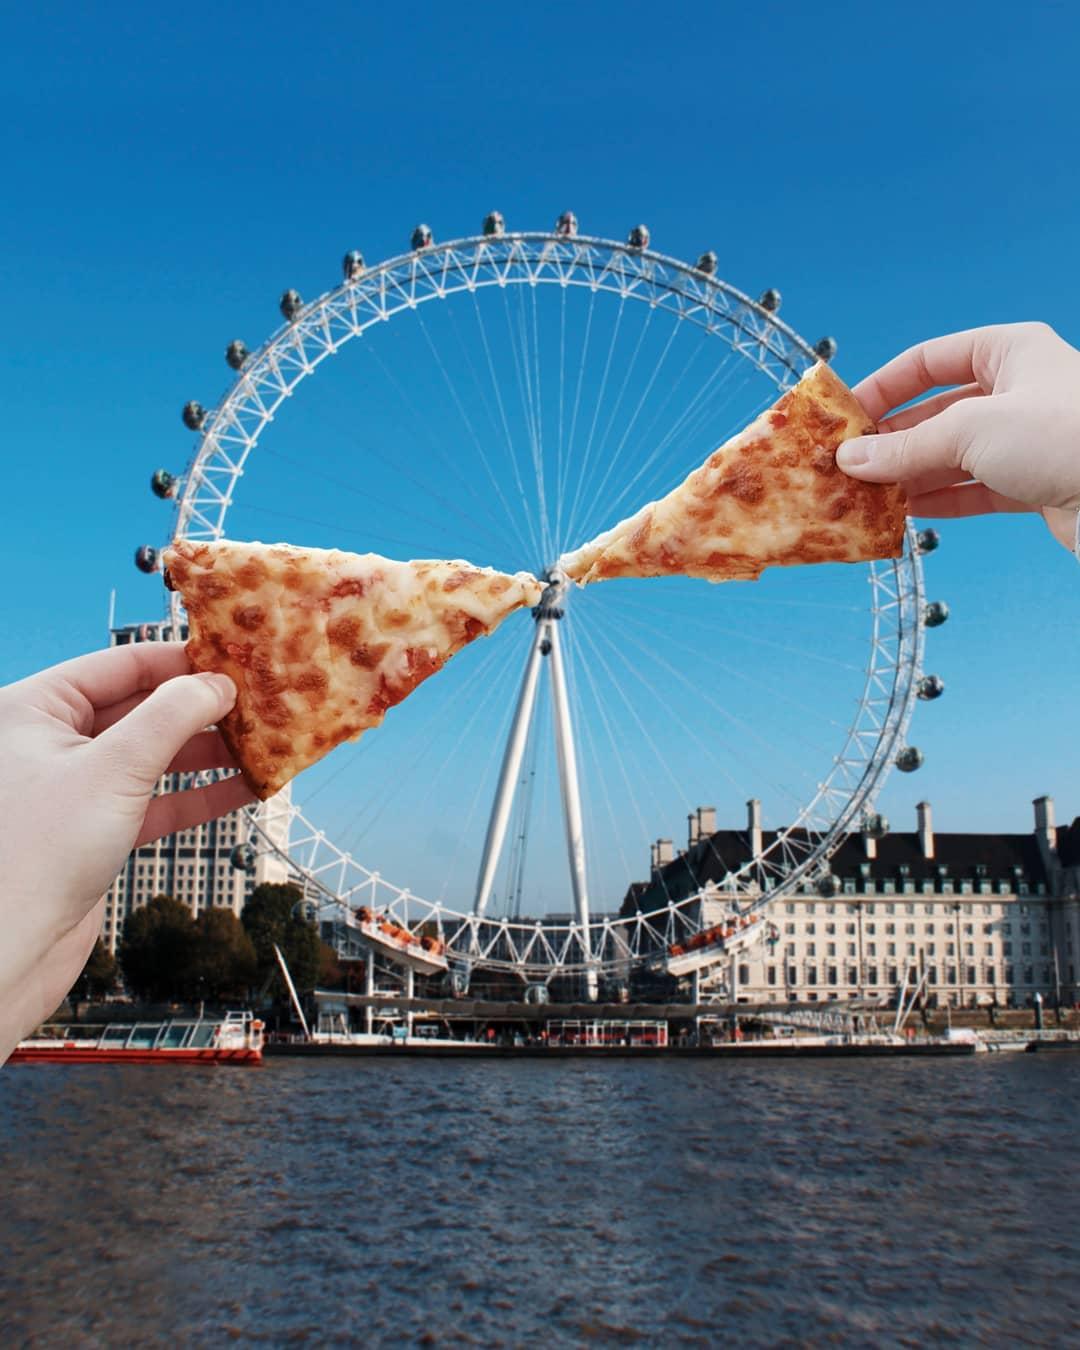 Đu quay nặng hơn 1.000 tấn, cao 135 m được đặt tên là Con mắt của London hay Vòng quay Thiên niên kỷ. Đây là một trong những điểm du lịch hút khách nhất ở thủ đô Anh, nằm bên bờ sông Thames. Hugo đã biến nó thành một chiếc pizza khổng lồ, còn lại 2 miếng.